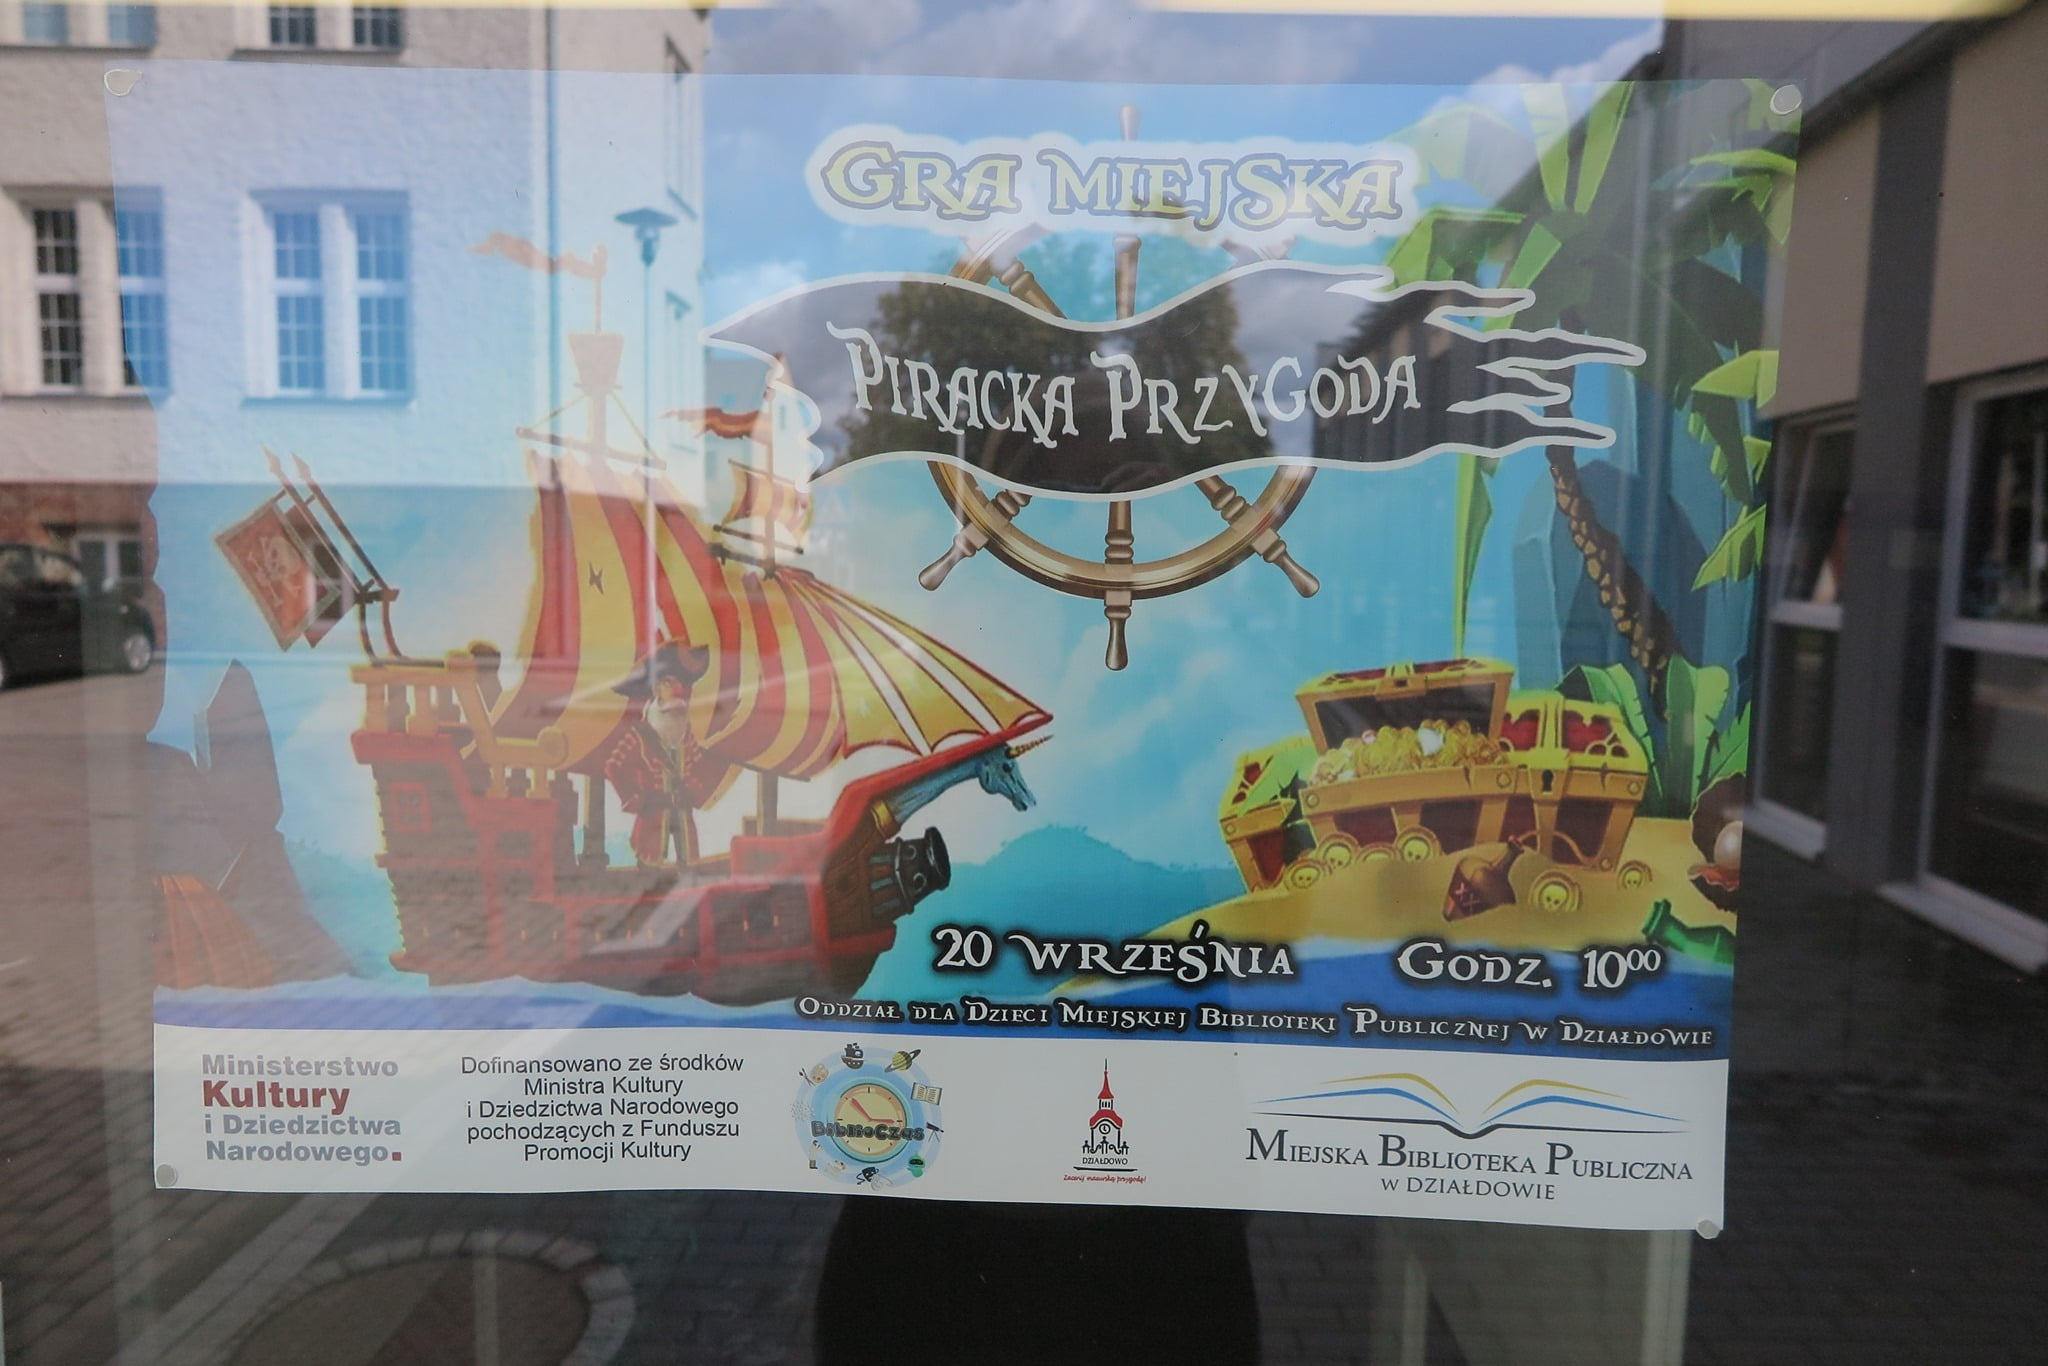 Na szybie plakat z napisem ''Gra Miejska Piracka Przygoda'', na plakacie piracki statek, i skarb piratów.